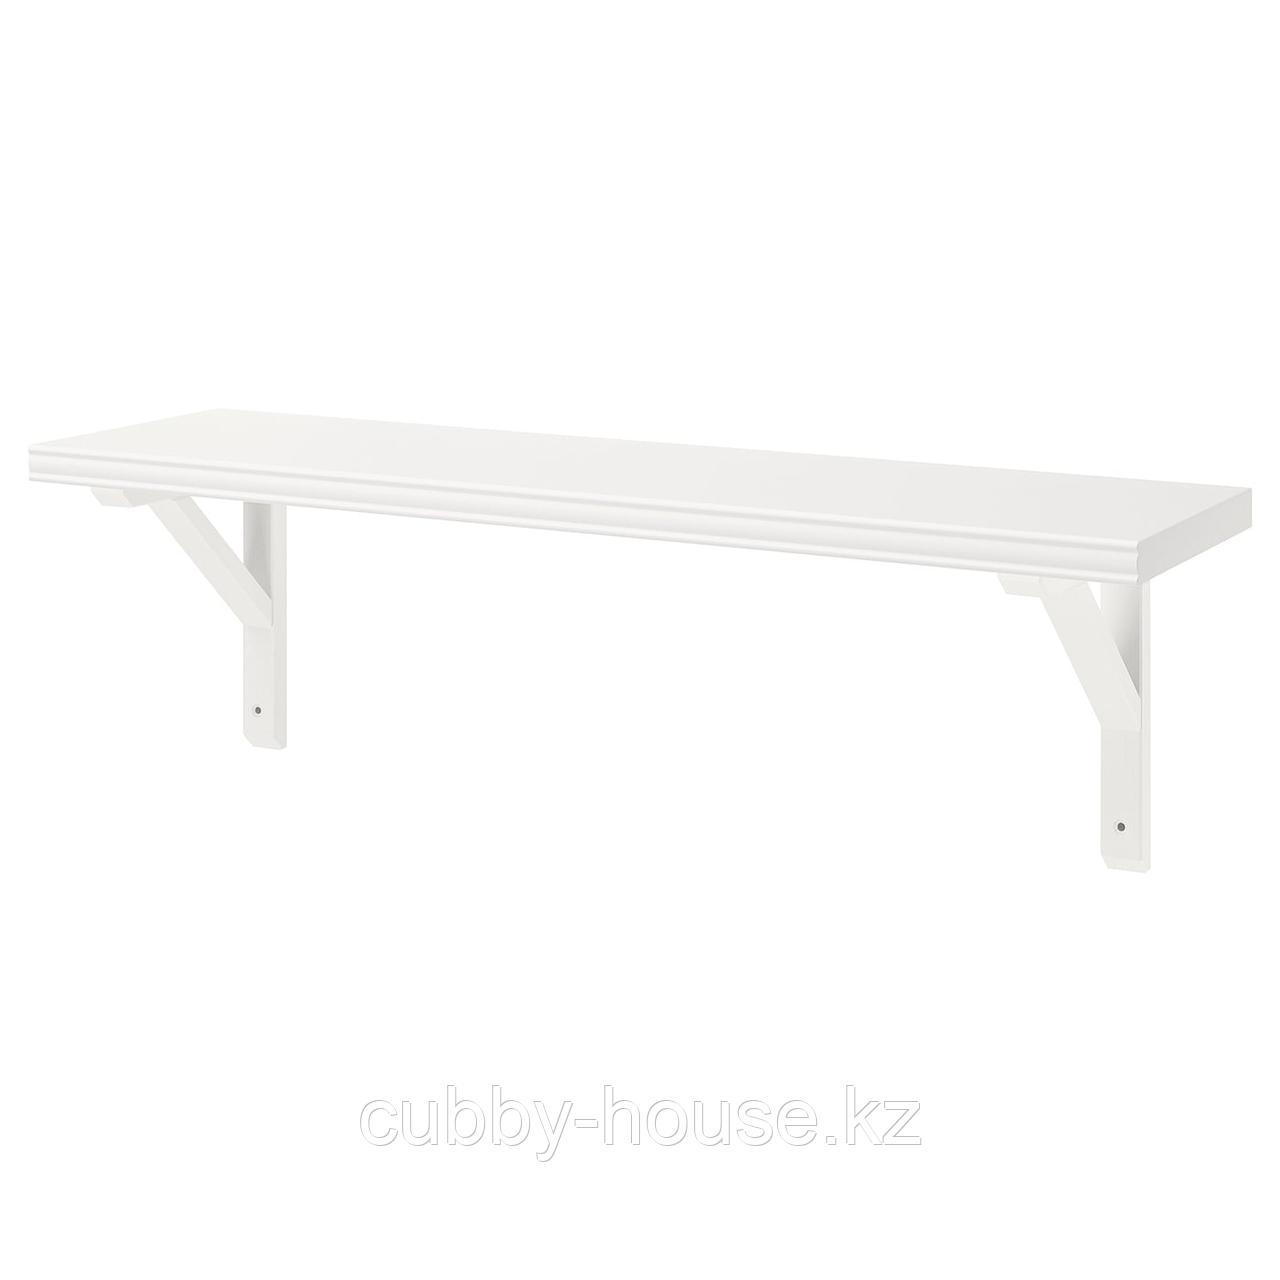 БЕРГСХУЛЬТ / САНДСХУЛЬТ Полка навесная, белый, осина, 80x20 см